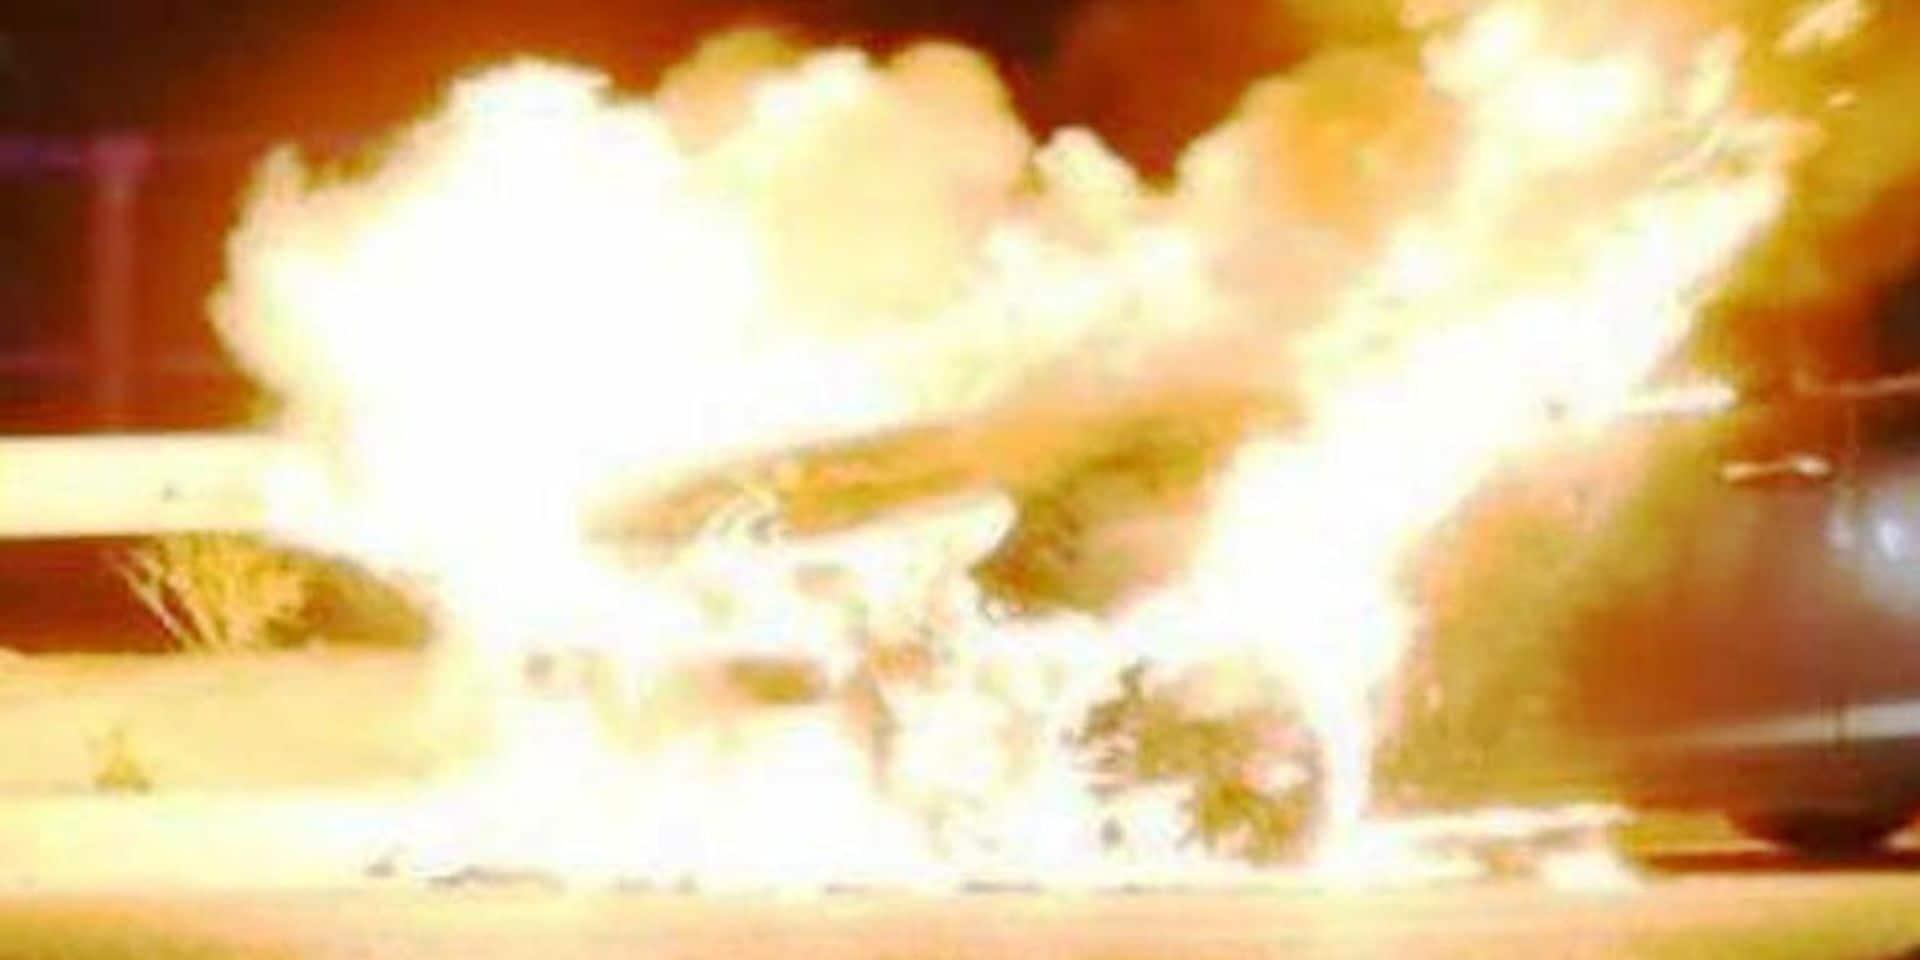 Incendie d'une camionnette à Petit-Thier ( Vielsalm): une enquête a été ouverte